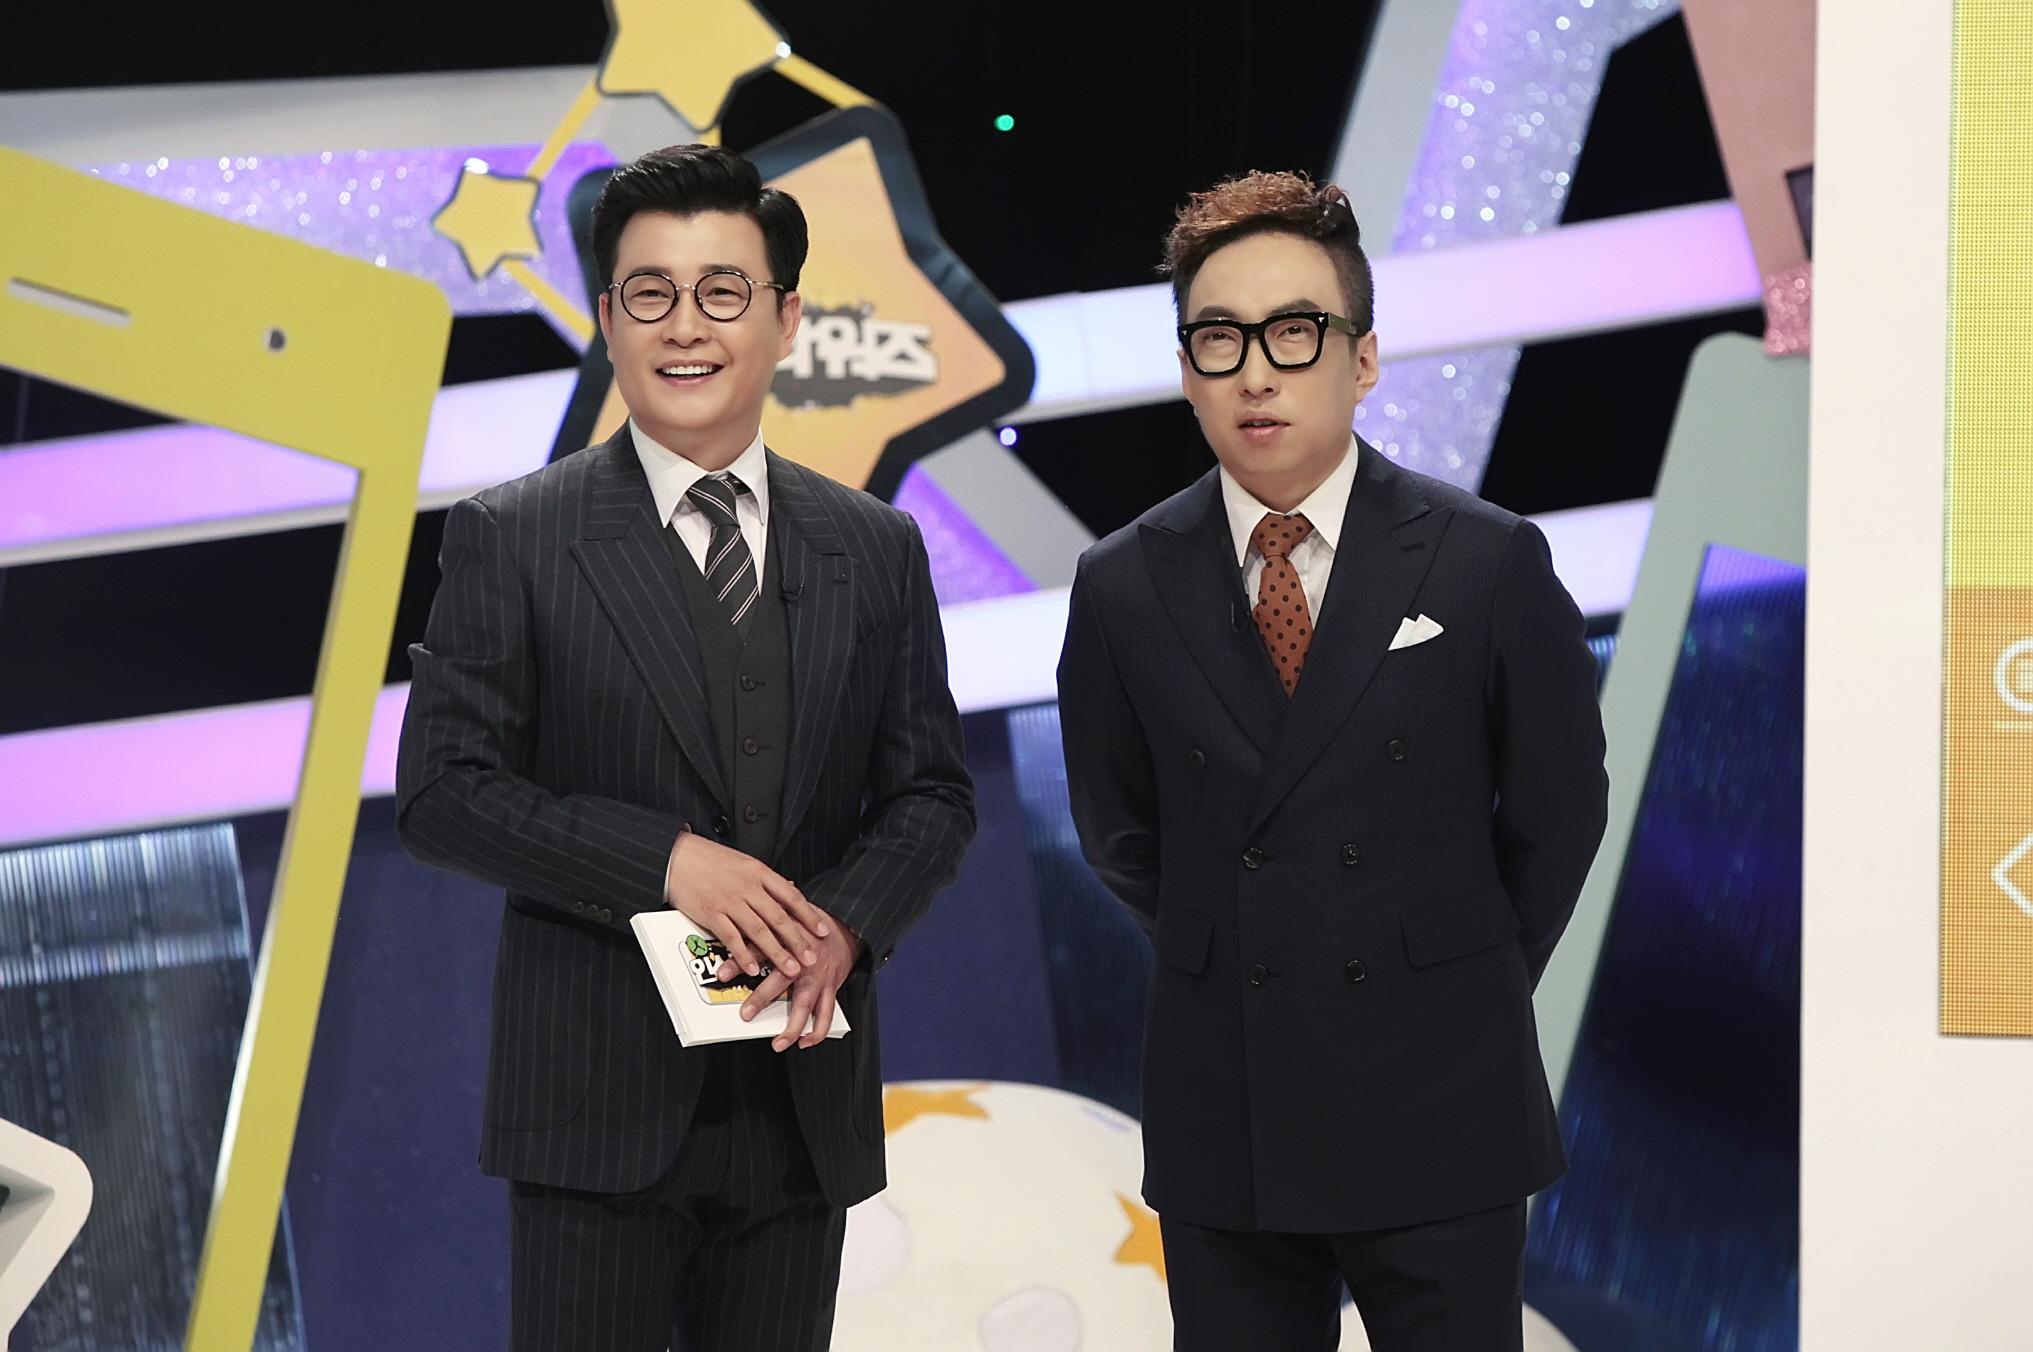 설특집 <인스타워즈> 최고의 SNS 스타를 찾아라!